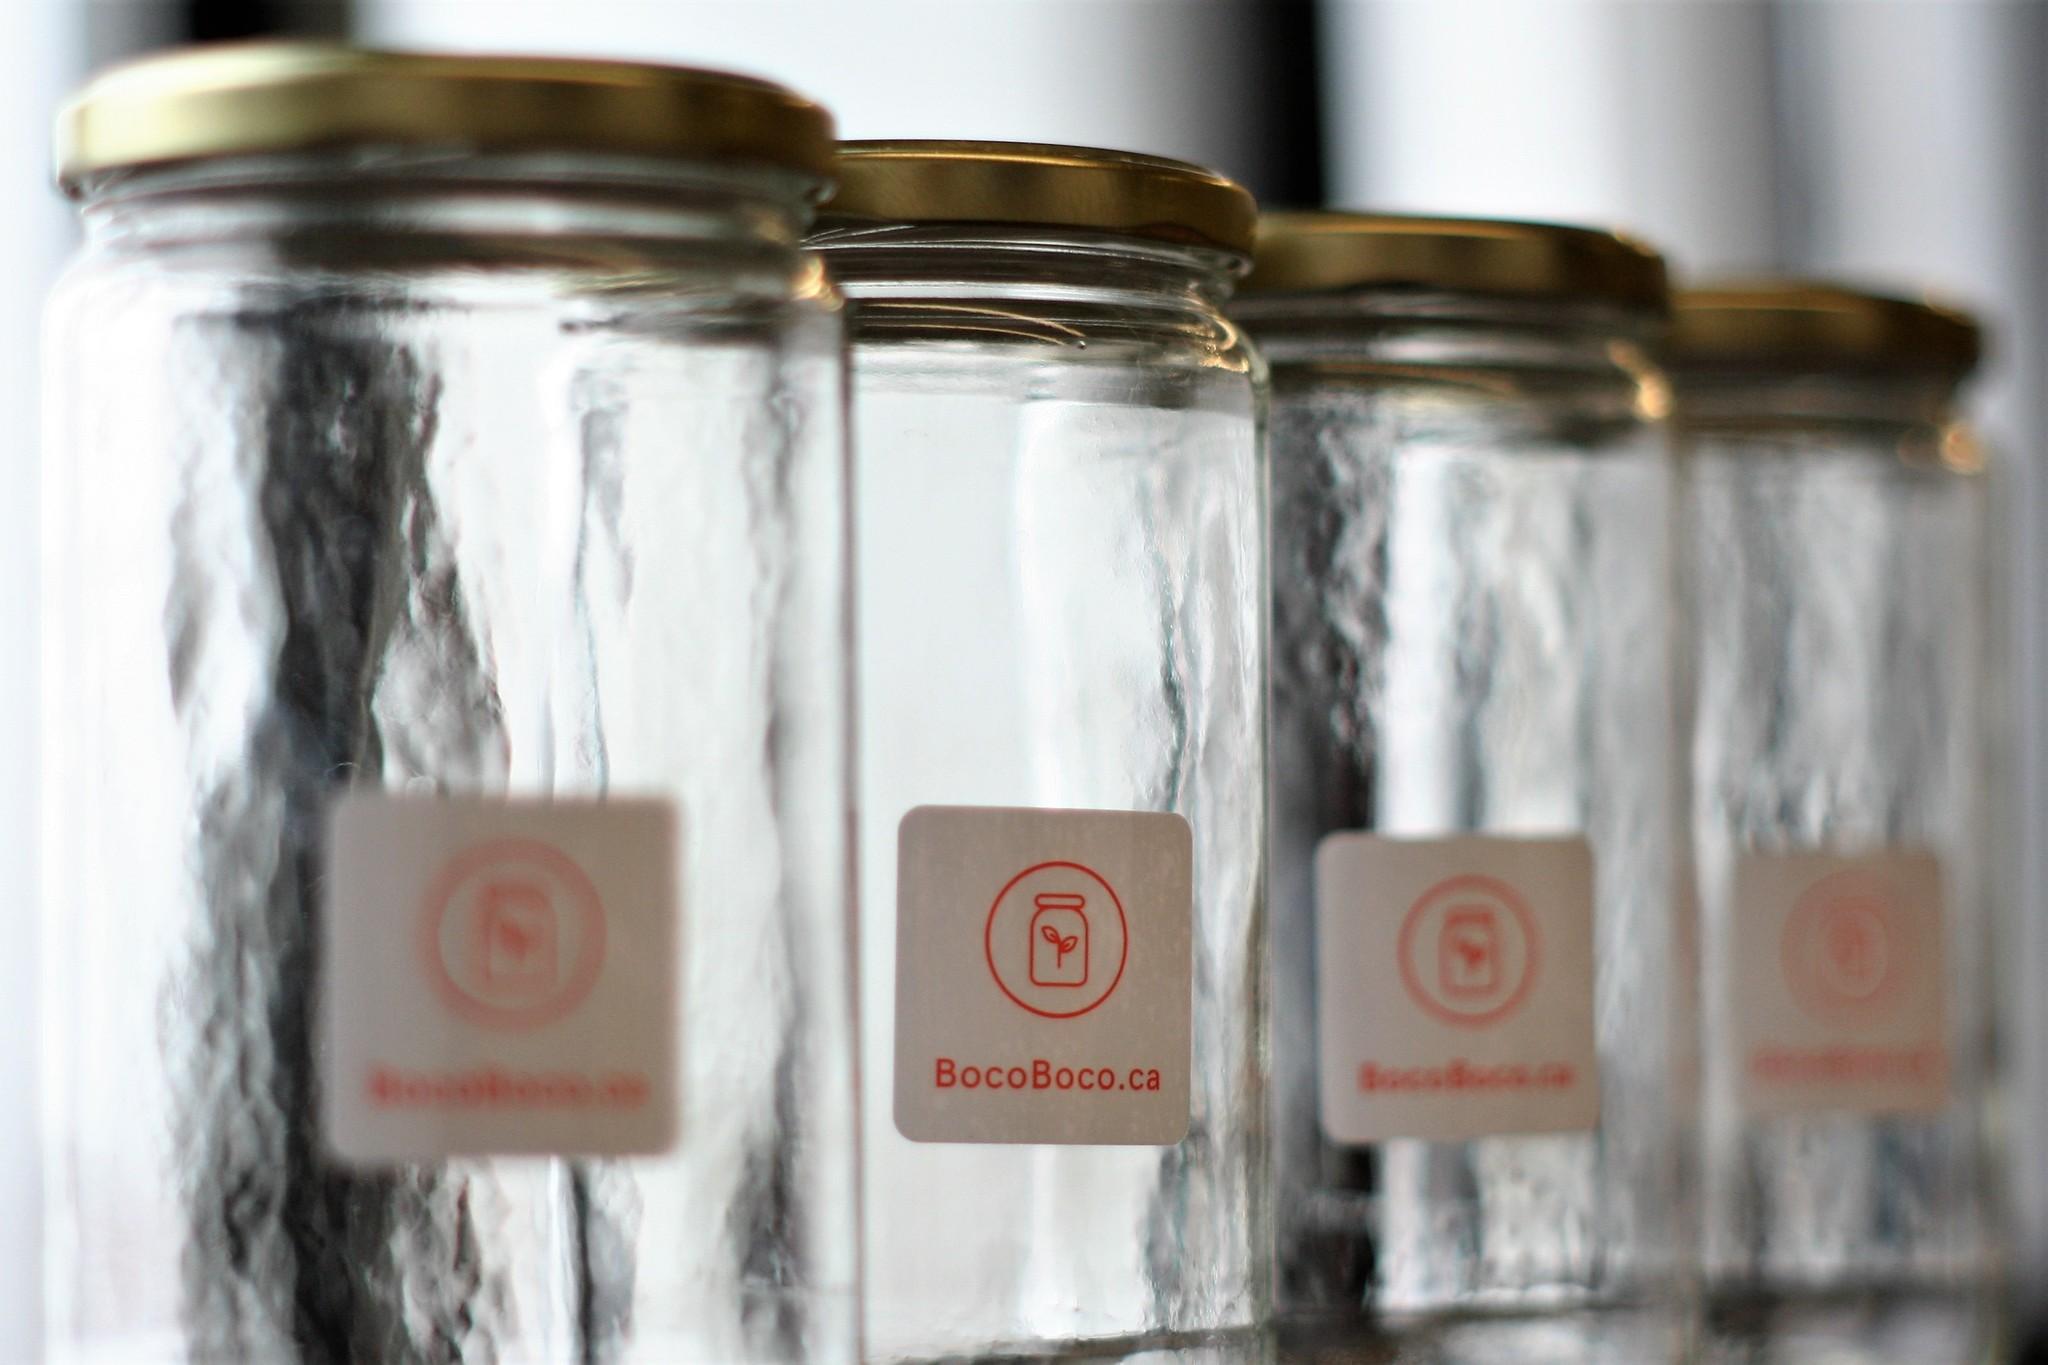 Nettoyage des contenants consignés BocoBoco